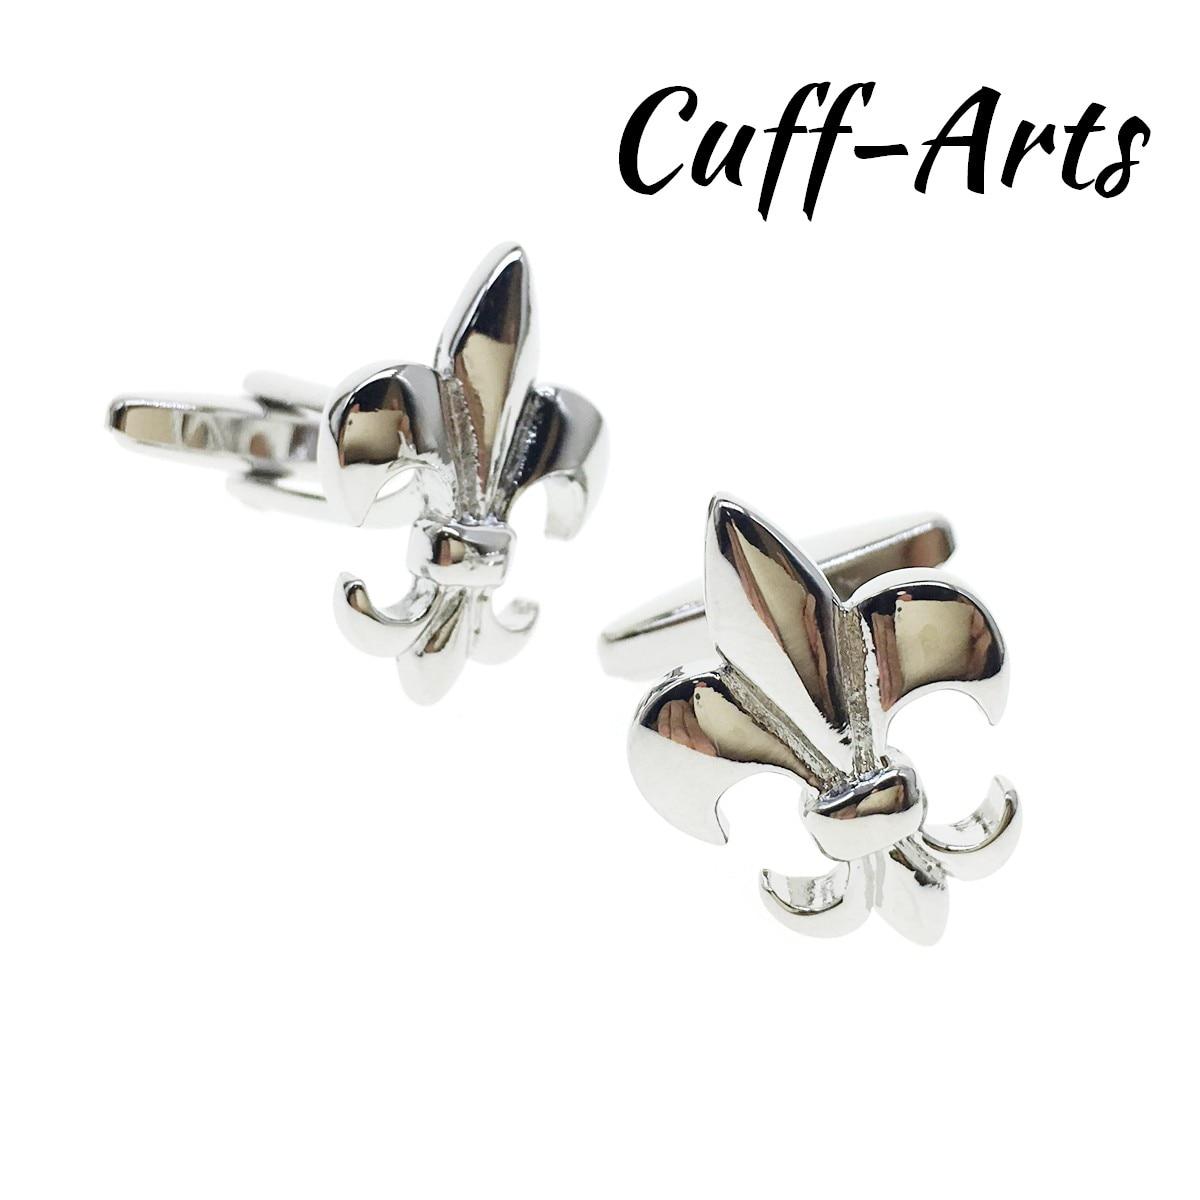 Cufflinks For Men Lilies Cufflinks High Quality Gift Men Jewelry Gemelos Gemelli Spinki By Cuffarts C10476